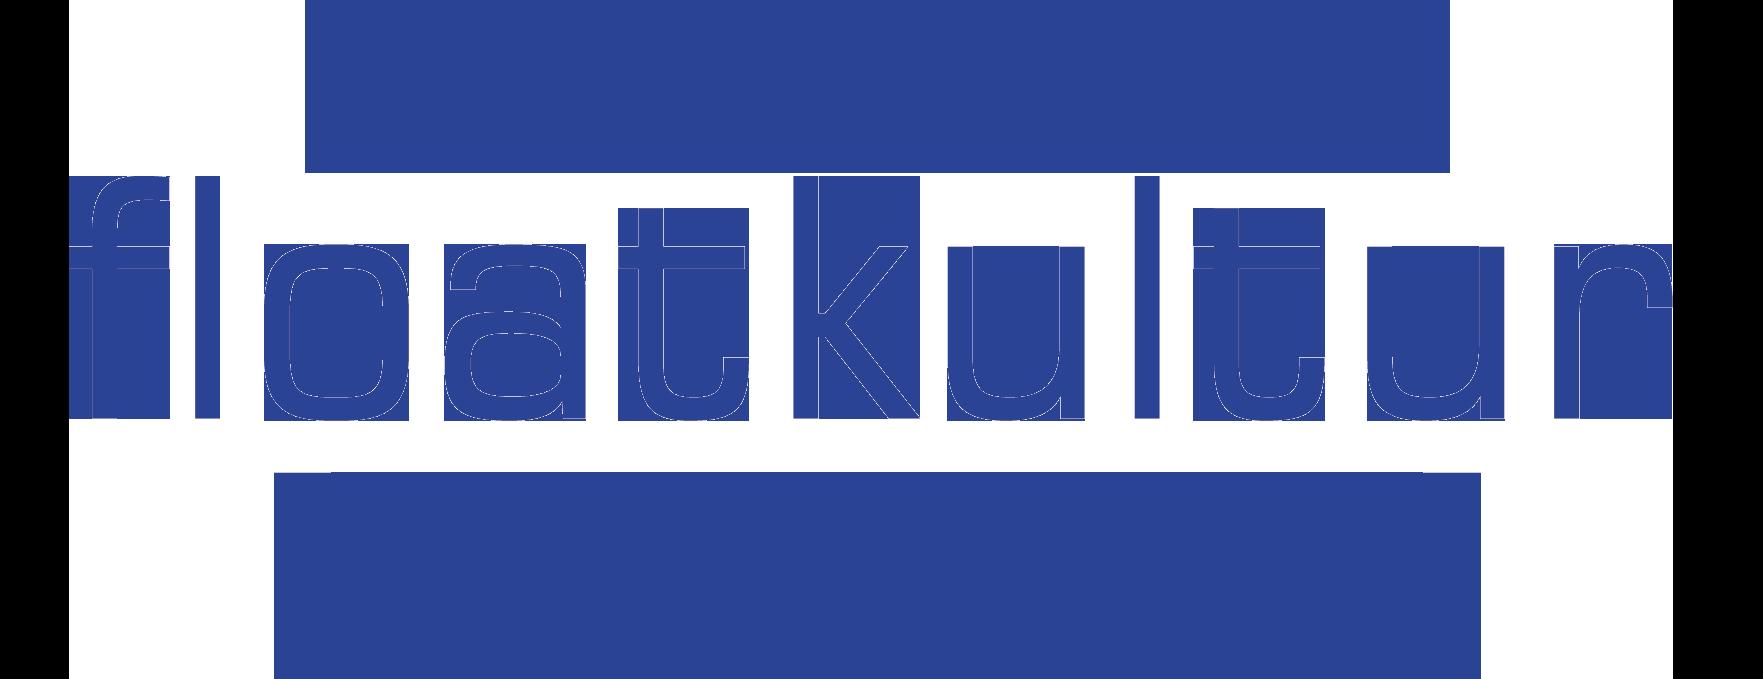 200114_Logo-freigestellt-blau-1535b5